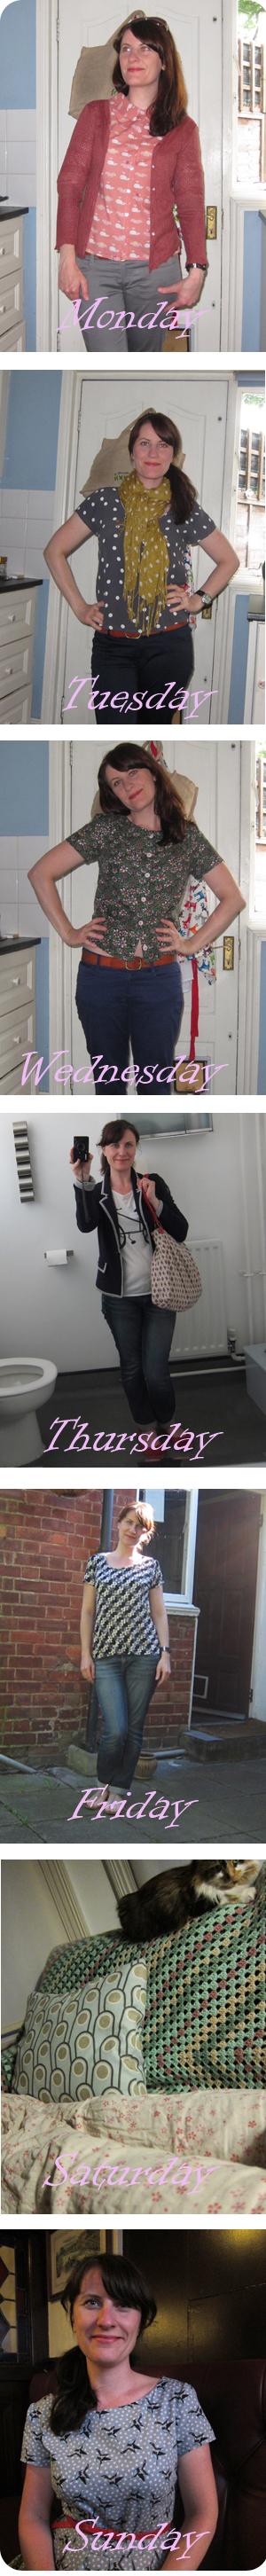 MMM 2012 week 4